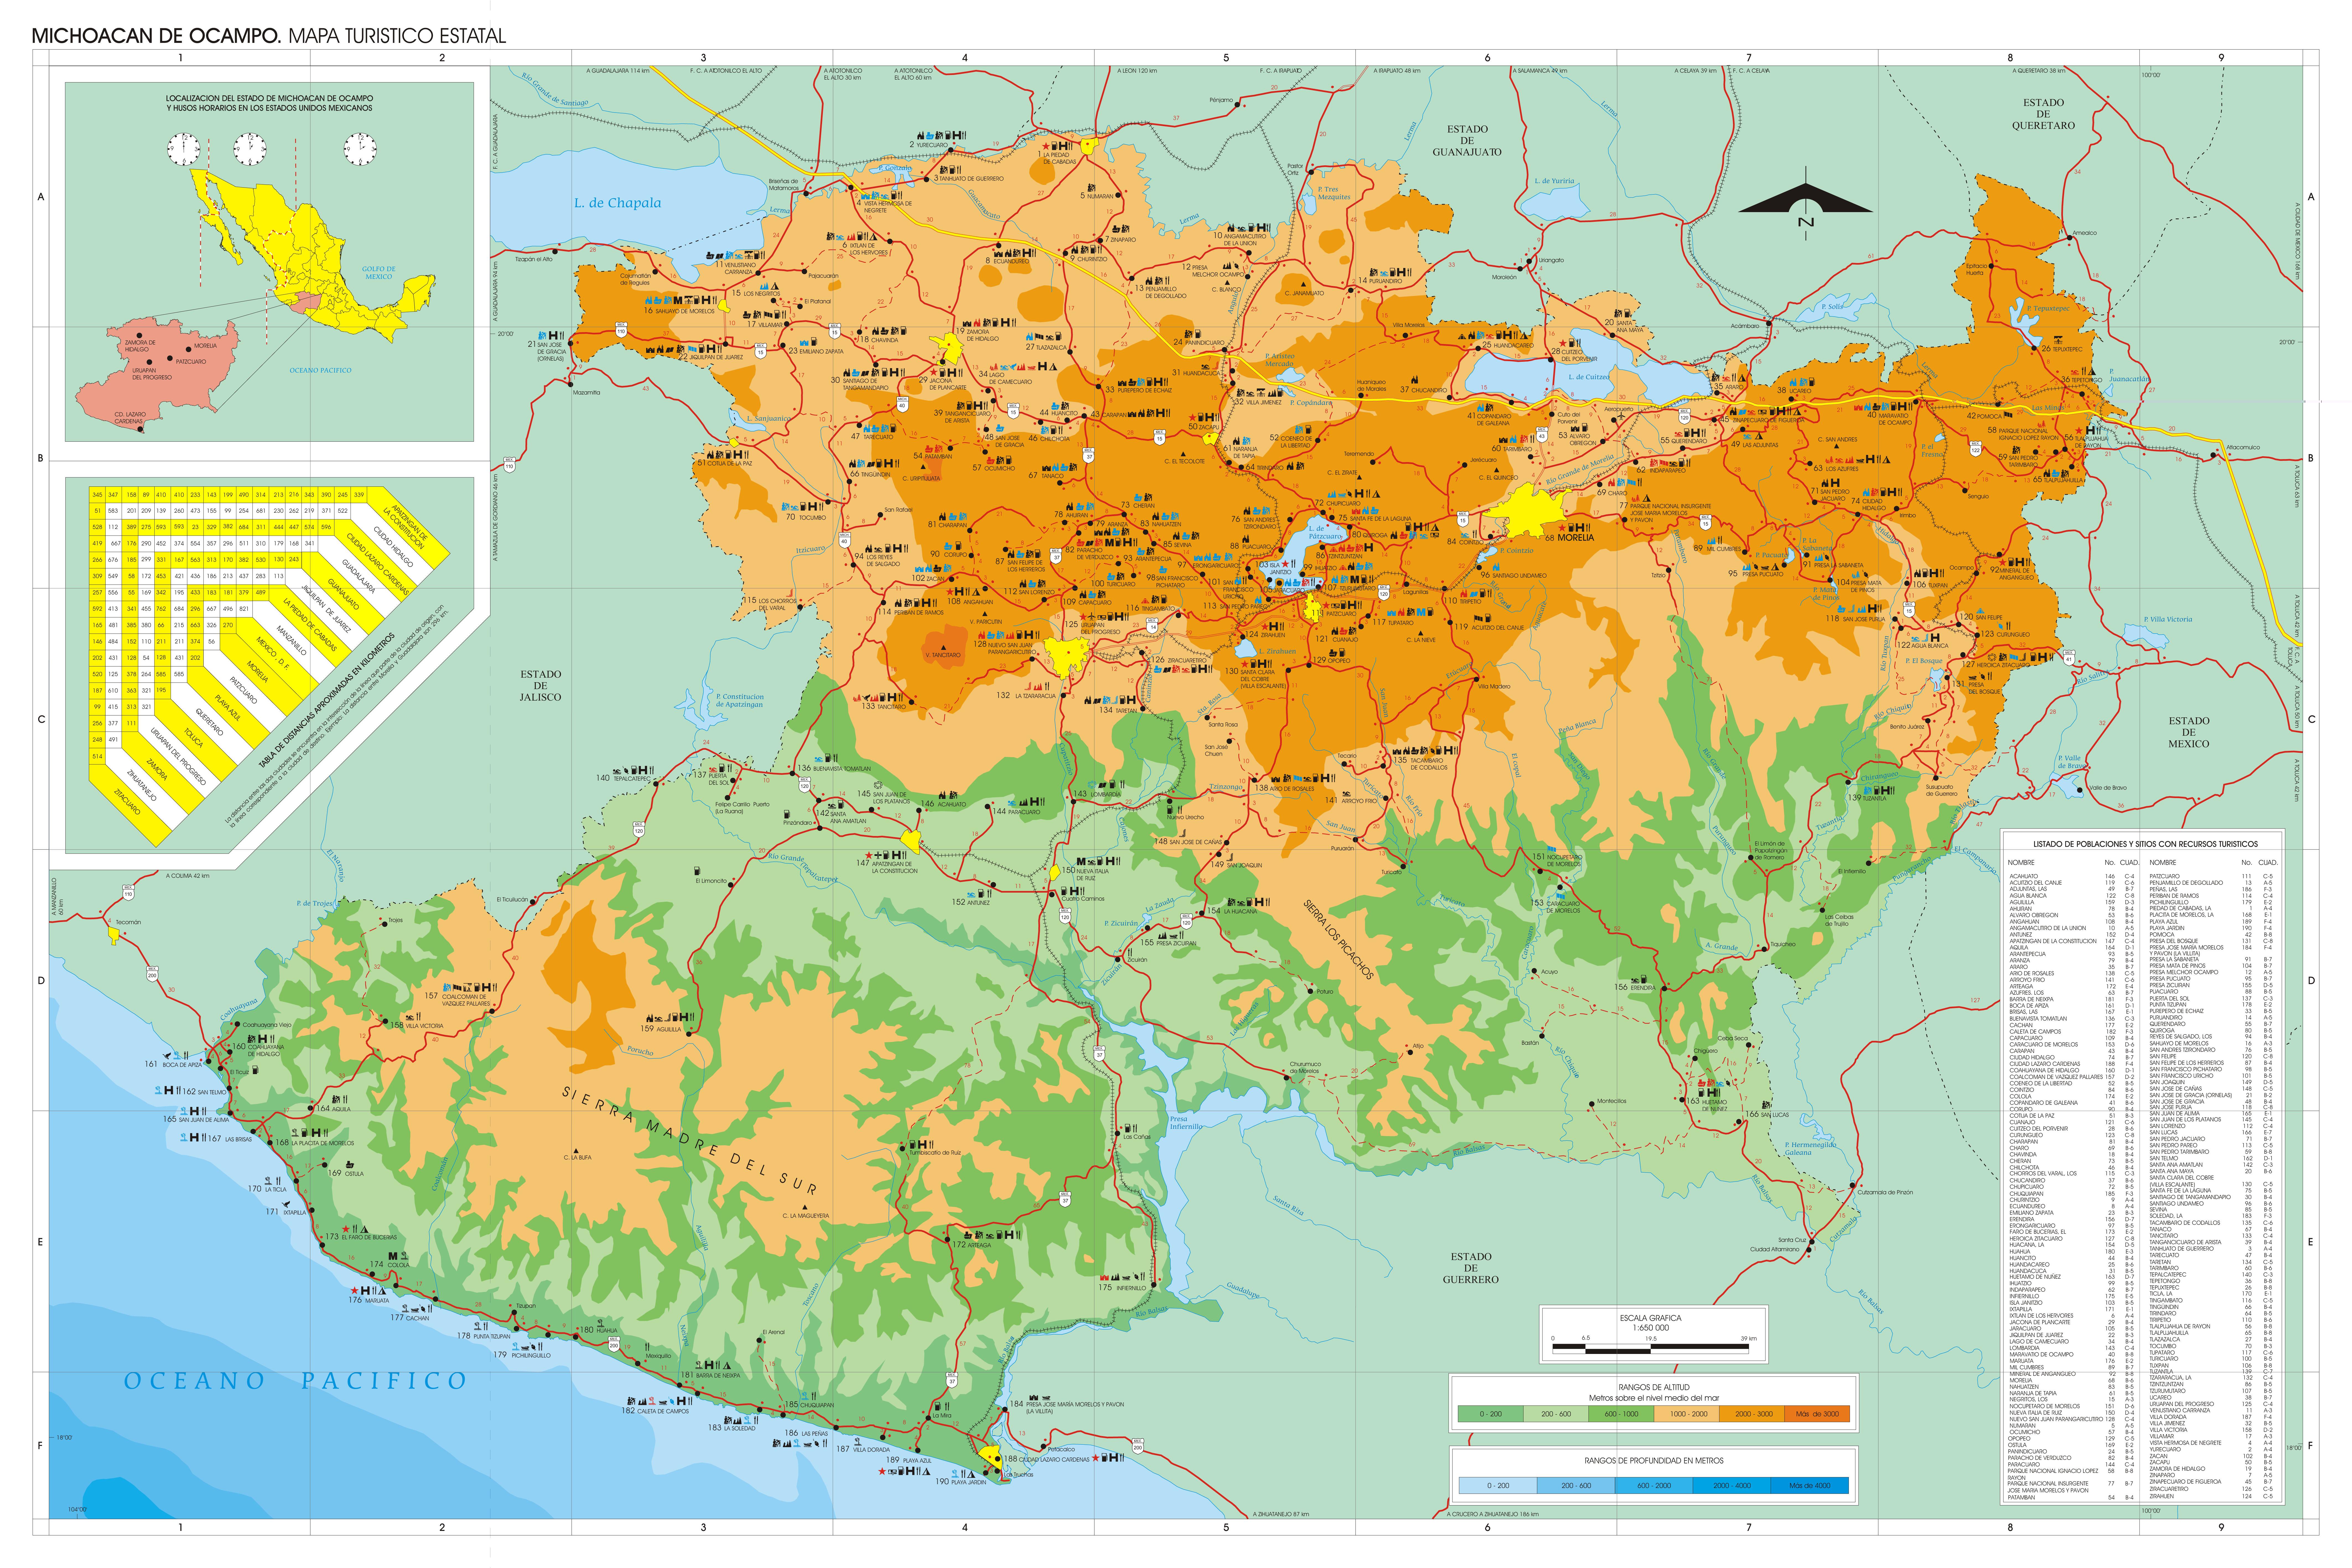 morelia mexico map with Map Of Michoacan on 16125123 further Mapa Gps De Sinaloa in addition Mexico City Map moreover Arco Norte El Mejor Atajo Para No Atravesar La Ciudad De Mexico likewise 4974274463.